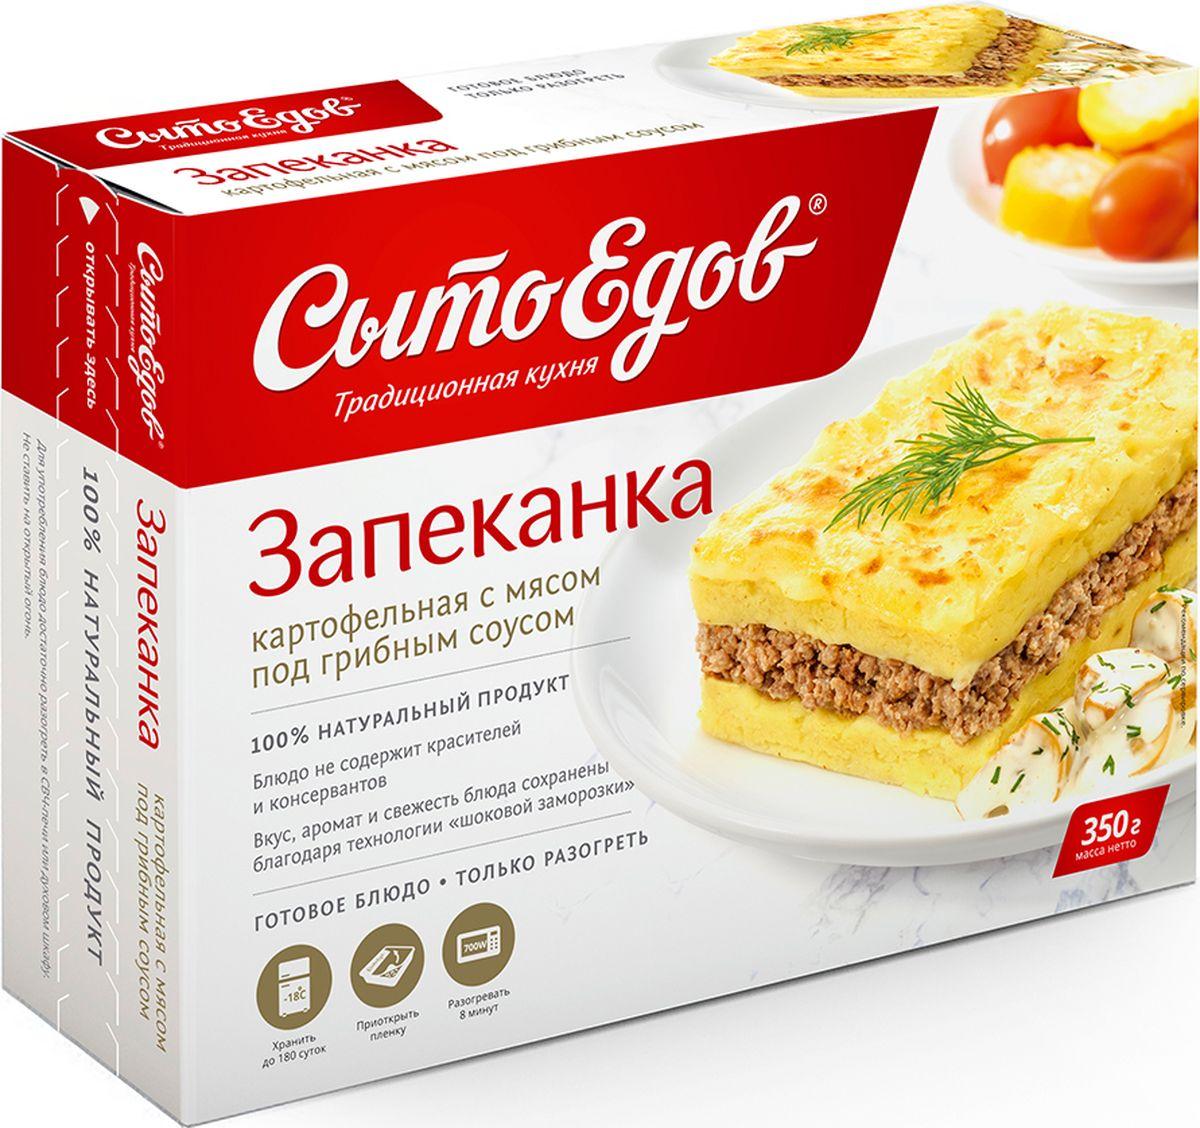 Сытоедов Запеканка картофельная с мясом под грибным соусом, 350 г